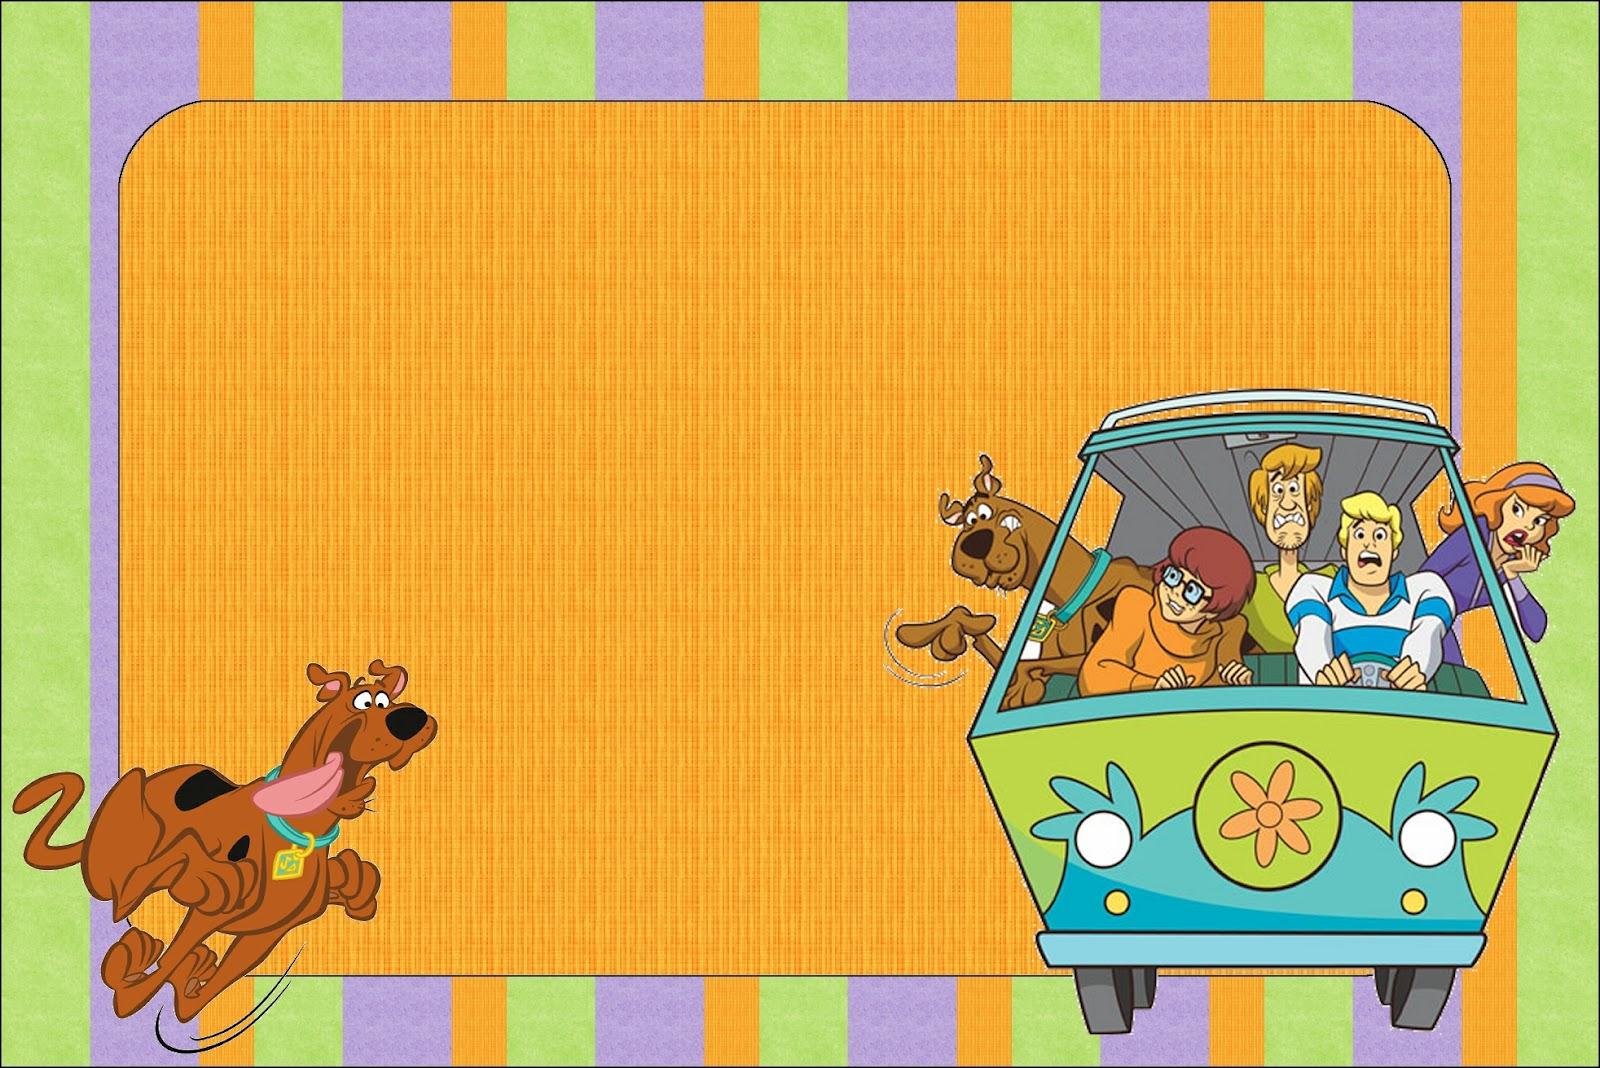 Imprimibles de Scooby Doo. | Ideas y material gratis para fiestas y ...